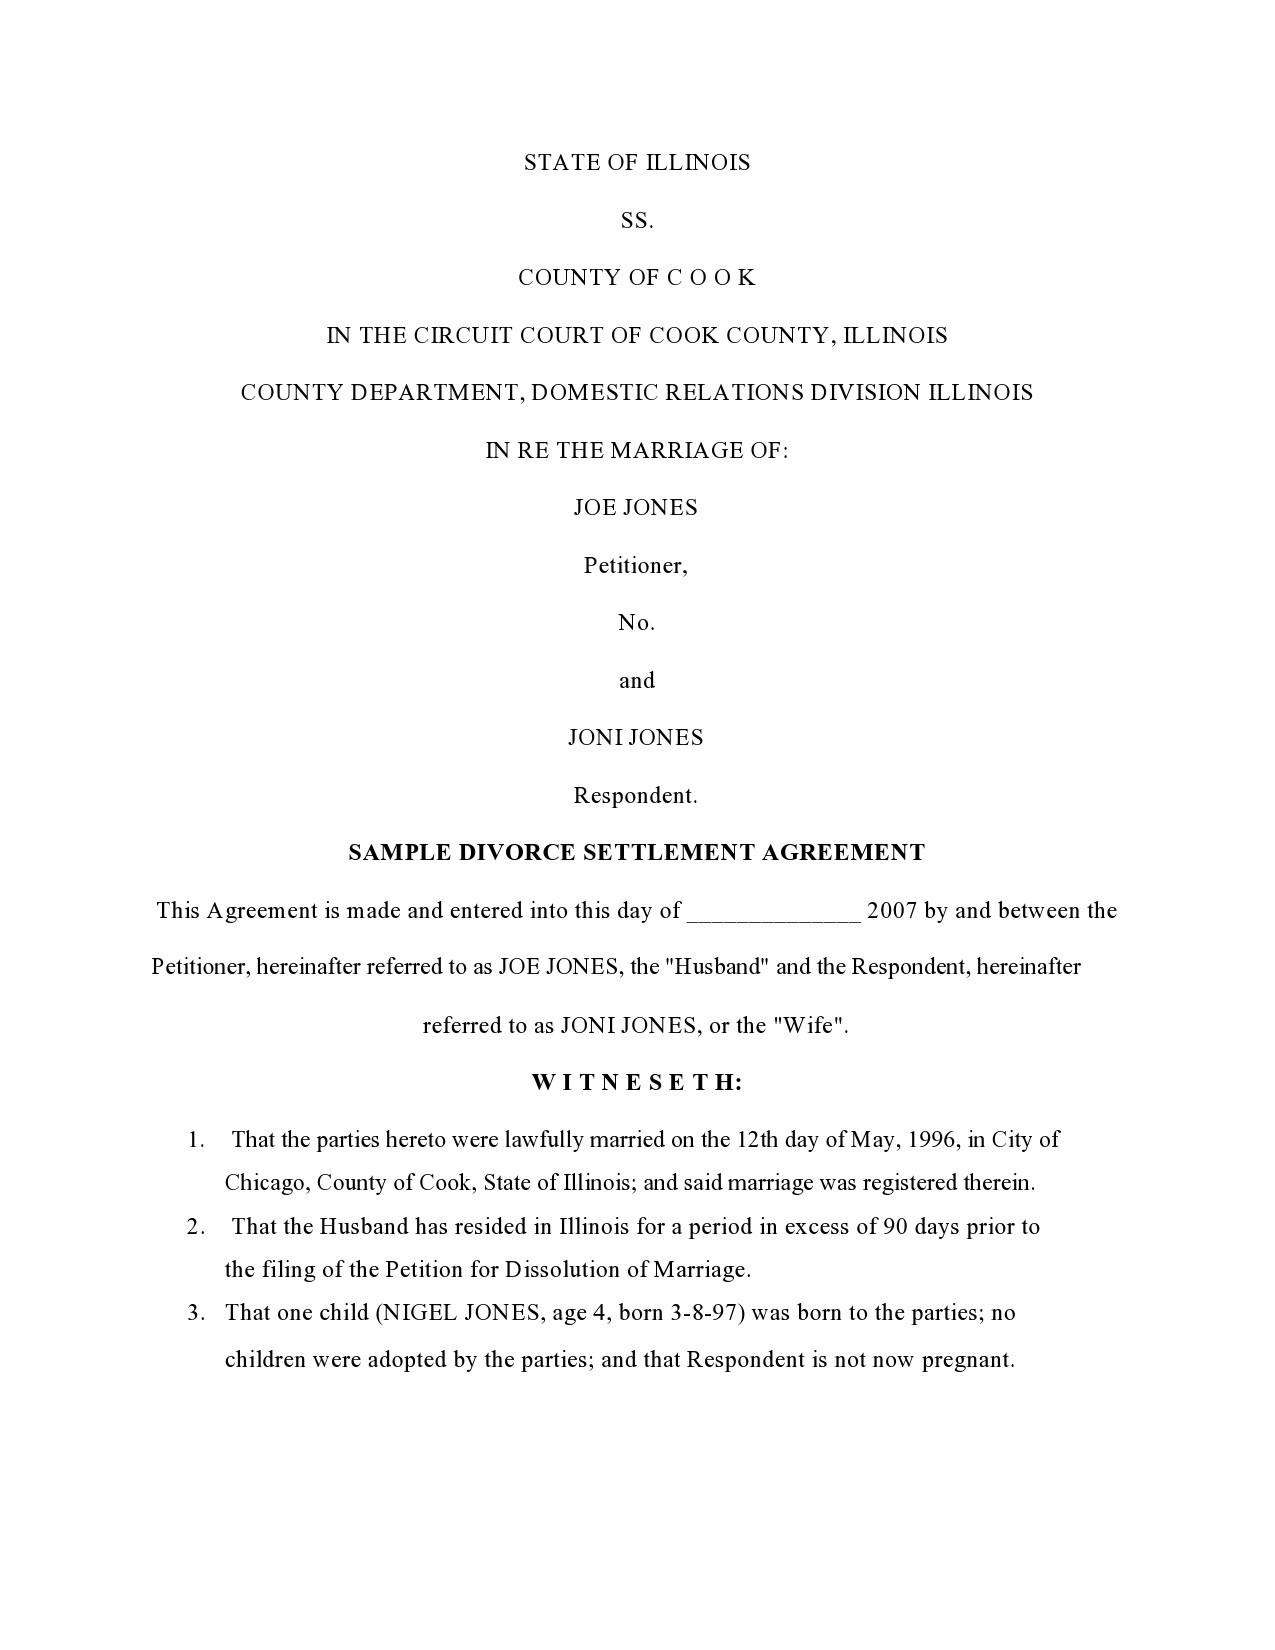 Free marital settlement agreement 42